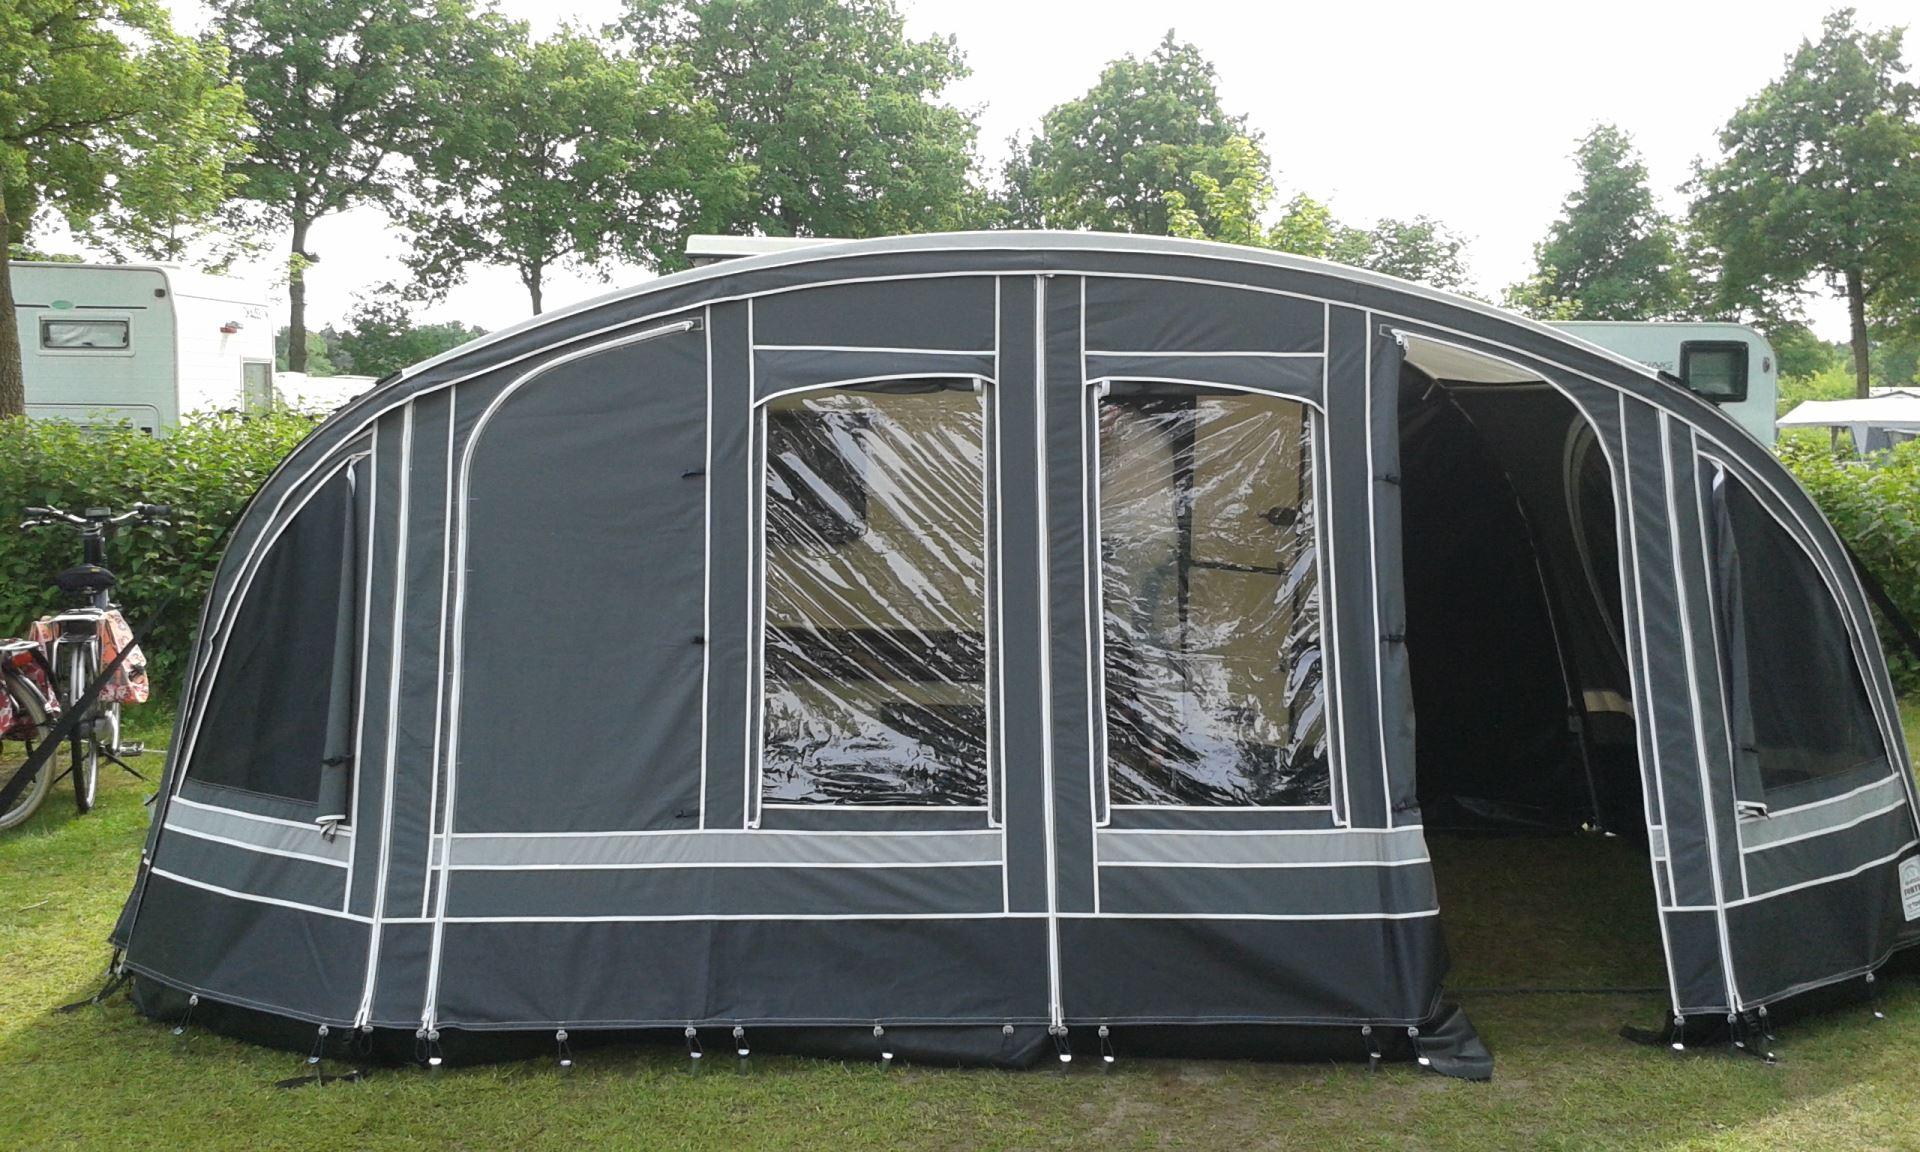 die aronde markise markise hubdach caravan. Black Bedroom Furniture Sets. Home Design Ideas